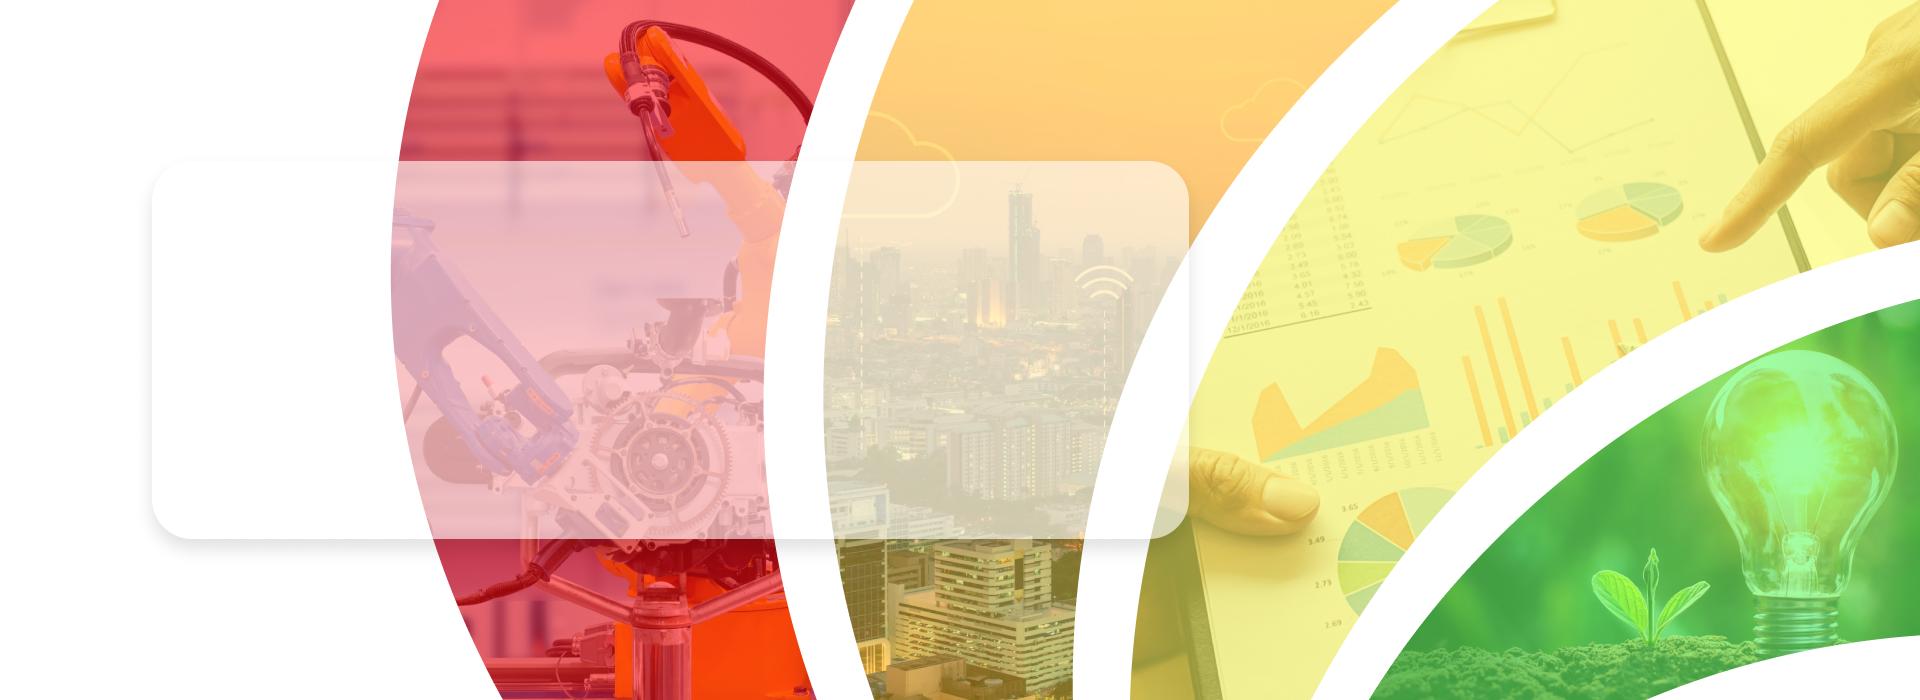 Audit spremnosti za Industriju 4.0